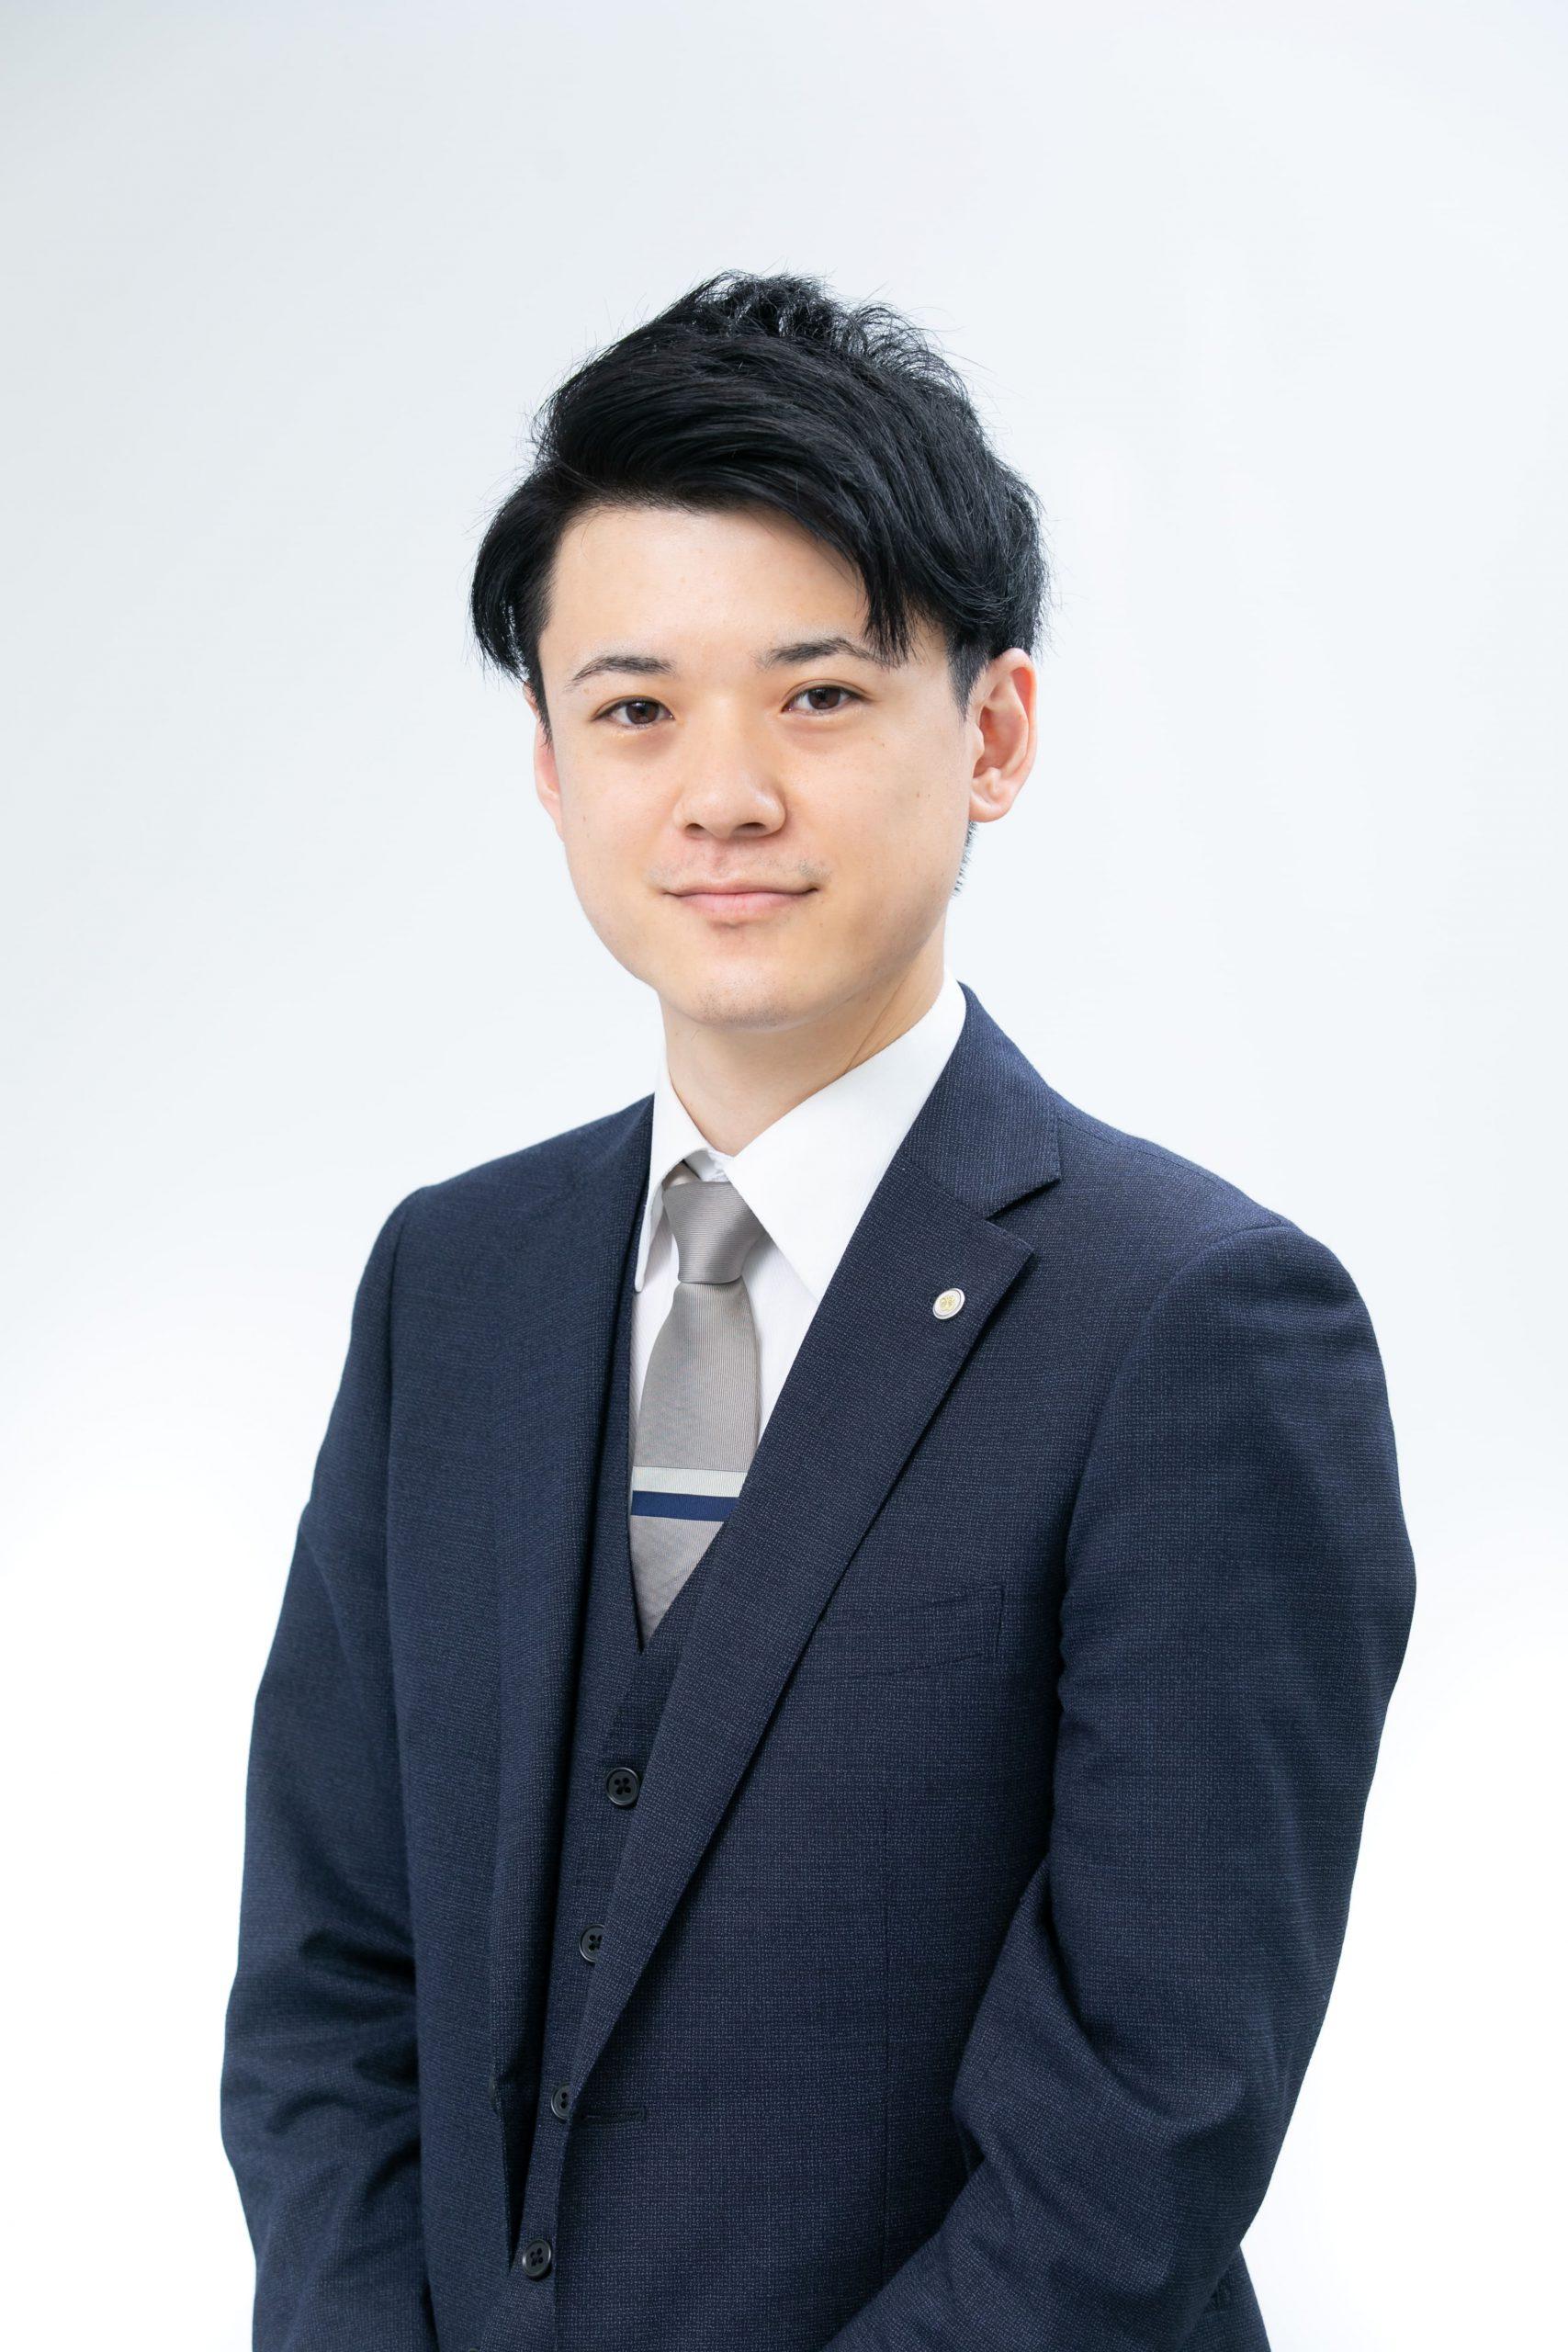 中山 翔吾